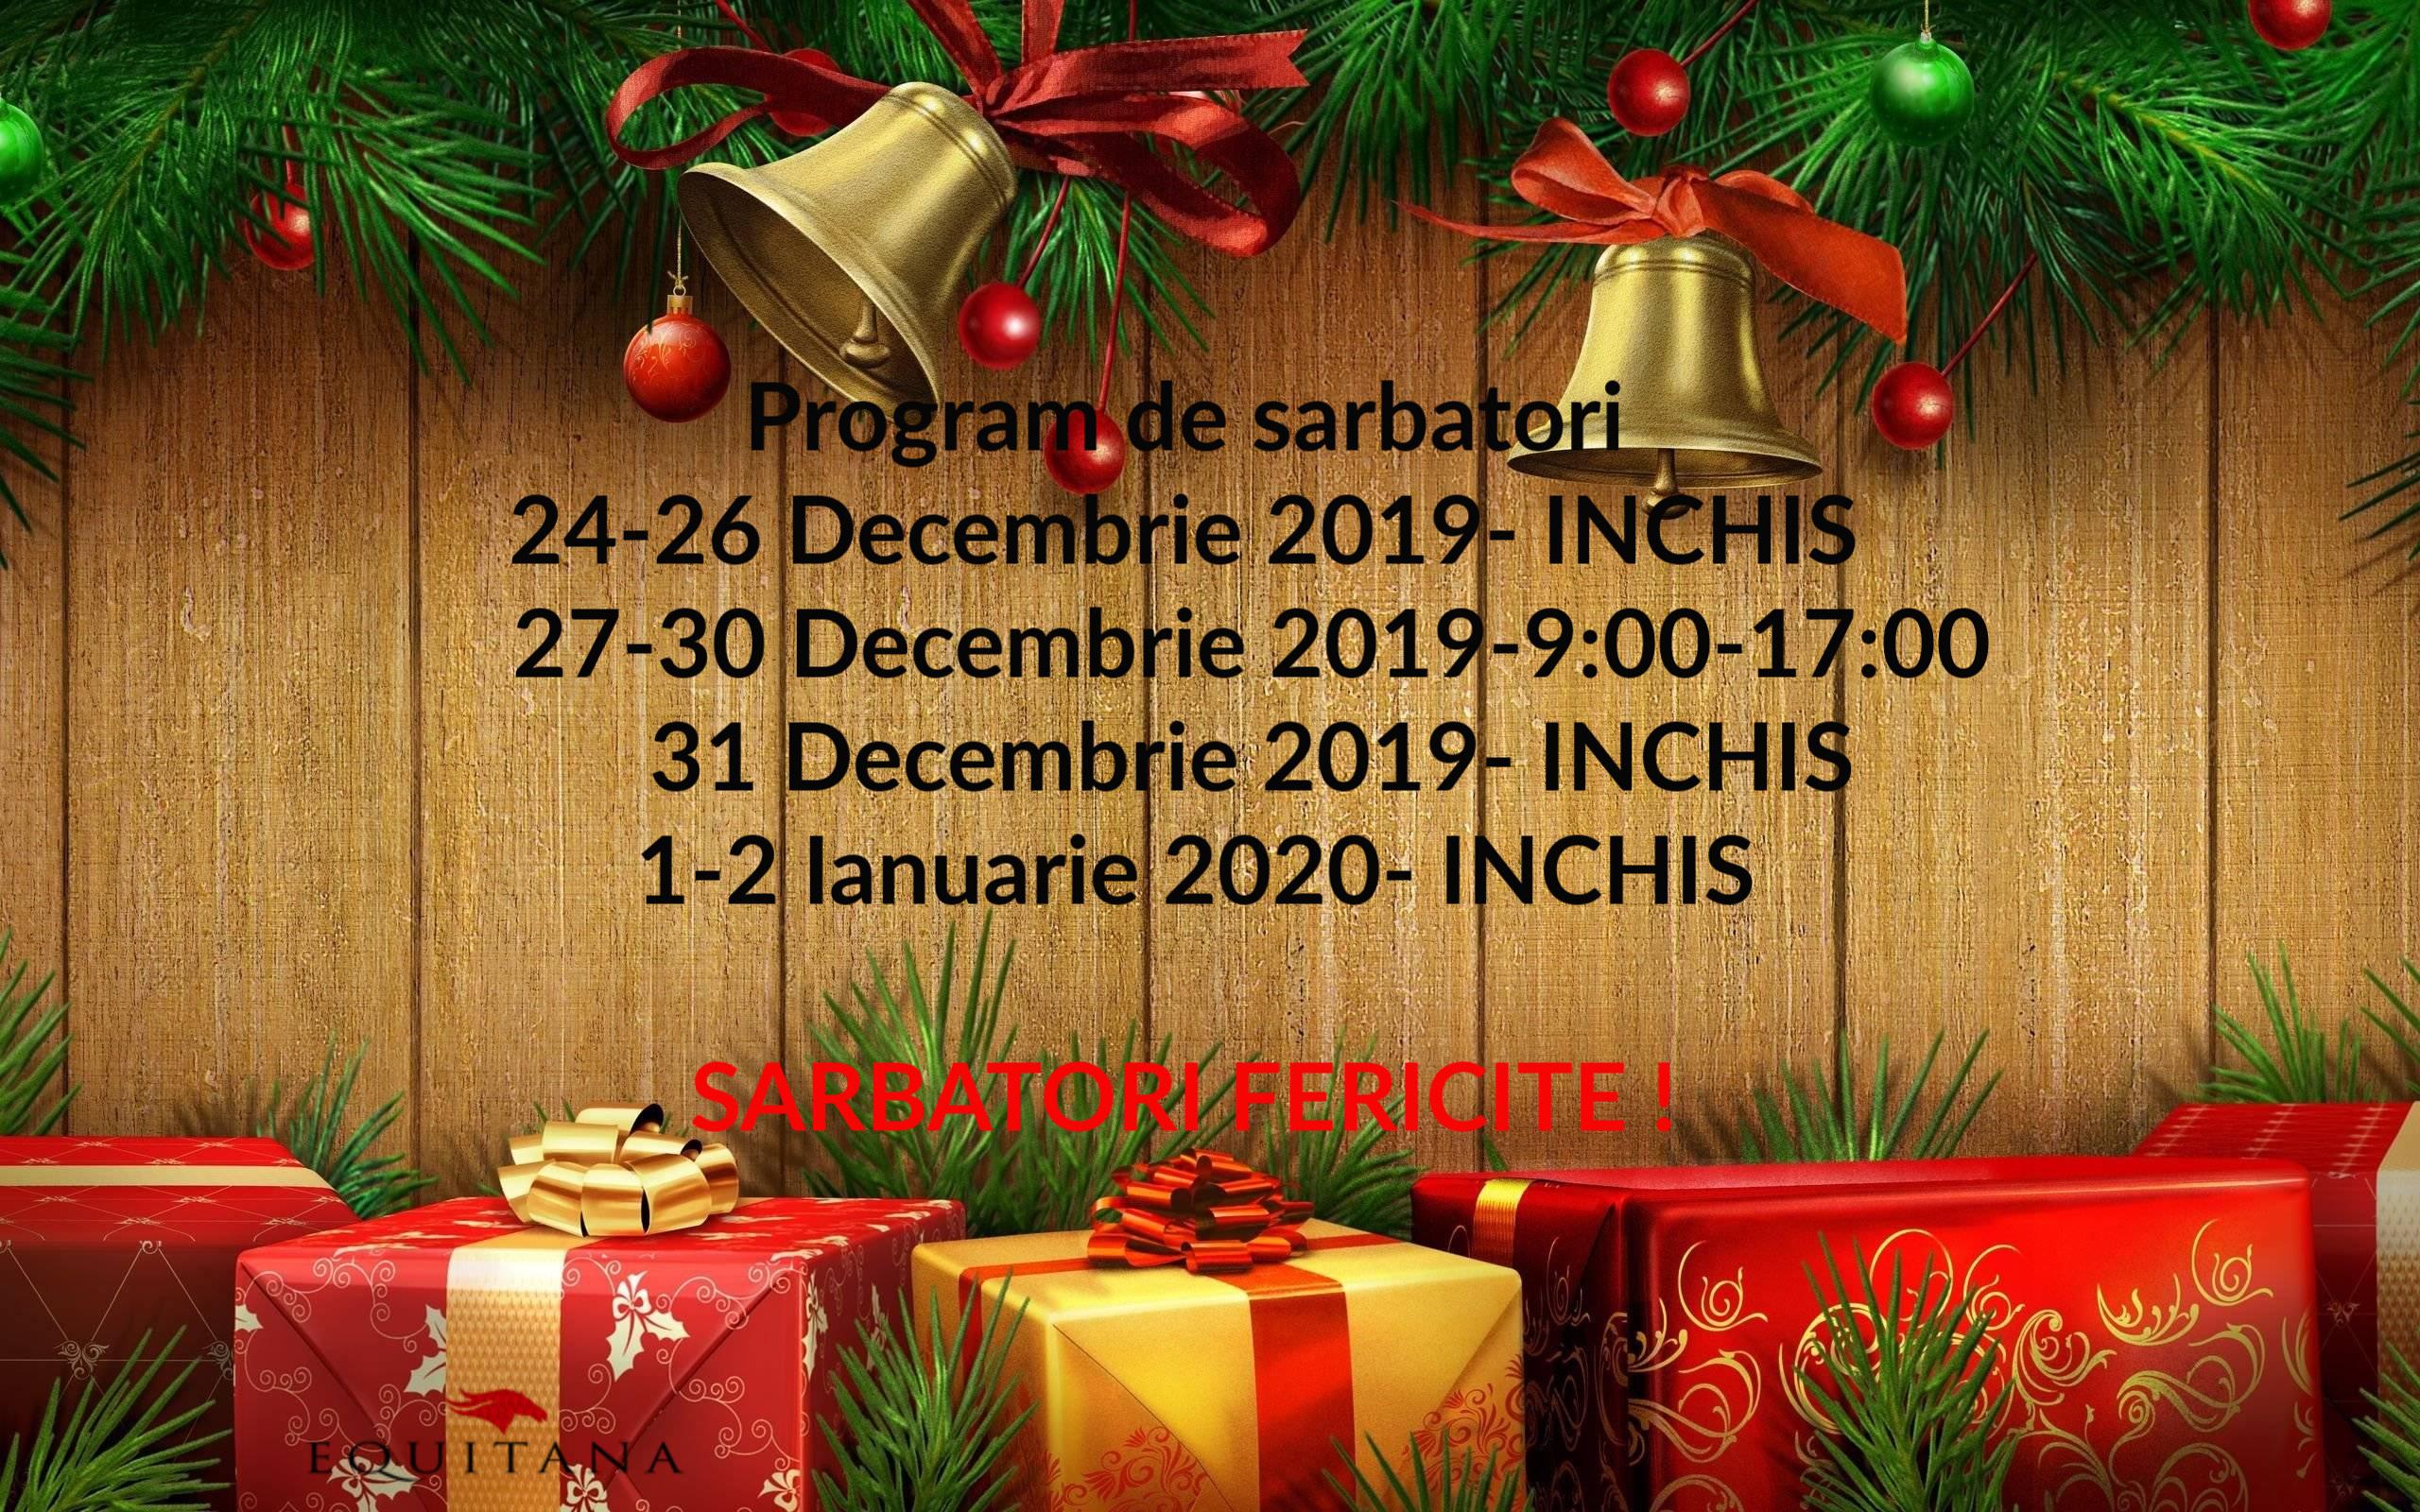 Progam de sărbători 2019-2020